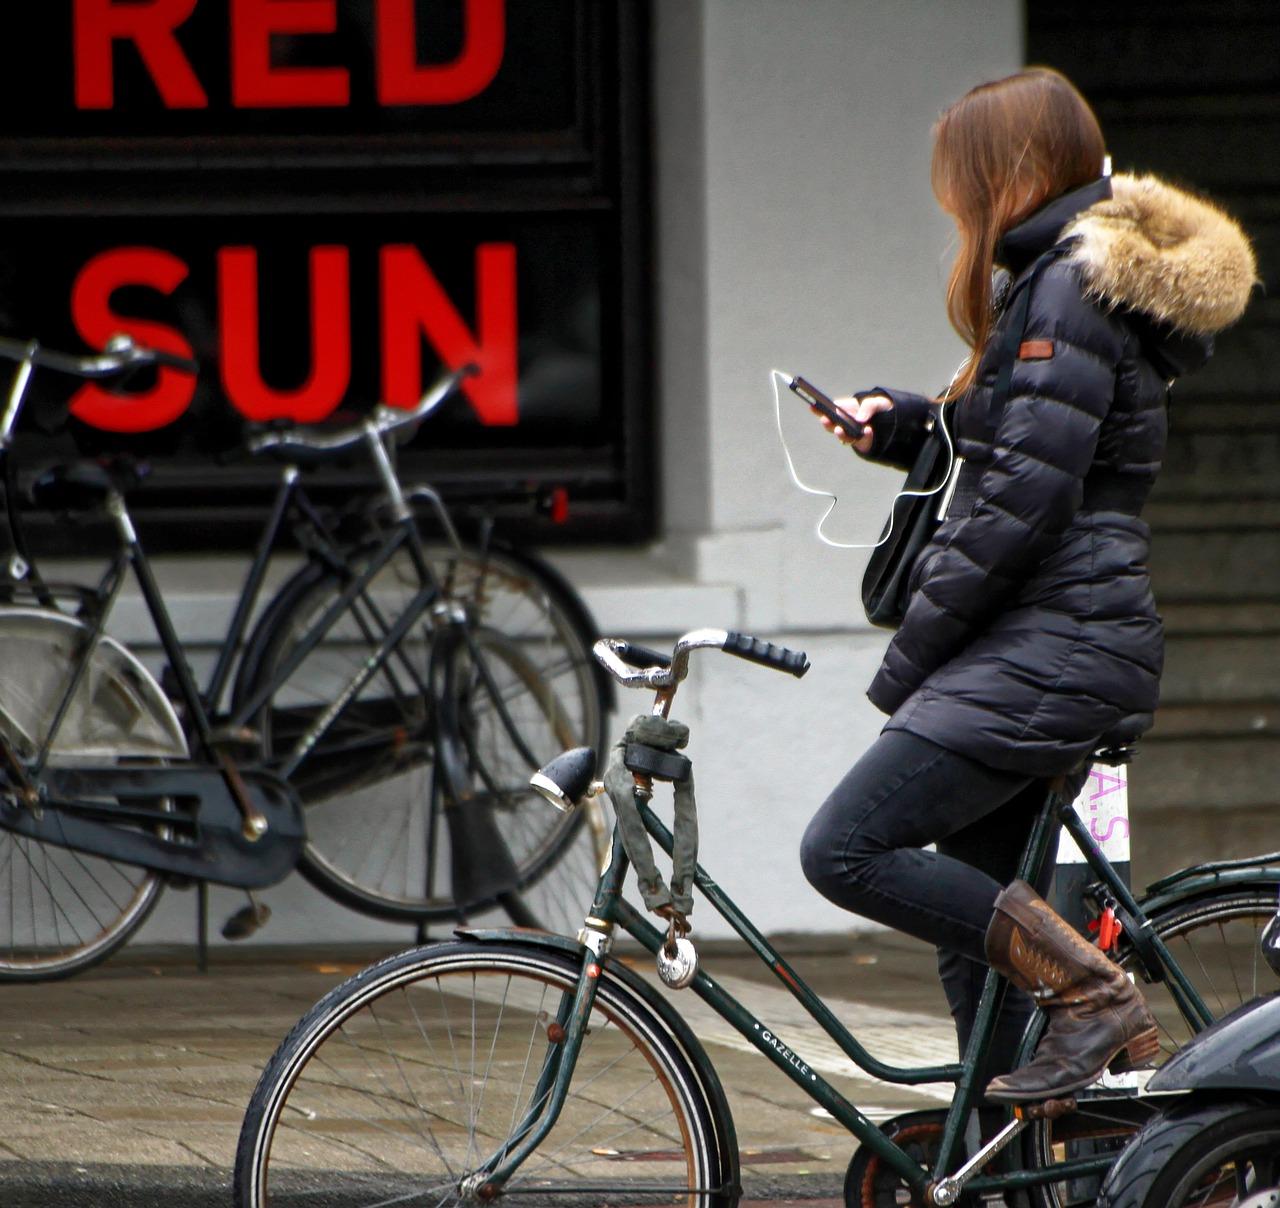 Bellen op de fiets? Dat is ook heel gevaarlijk!